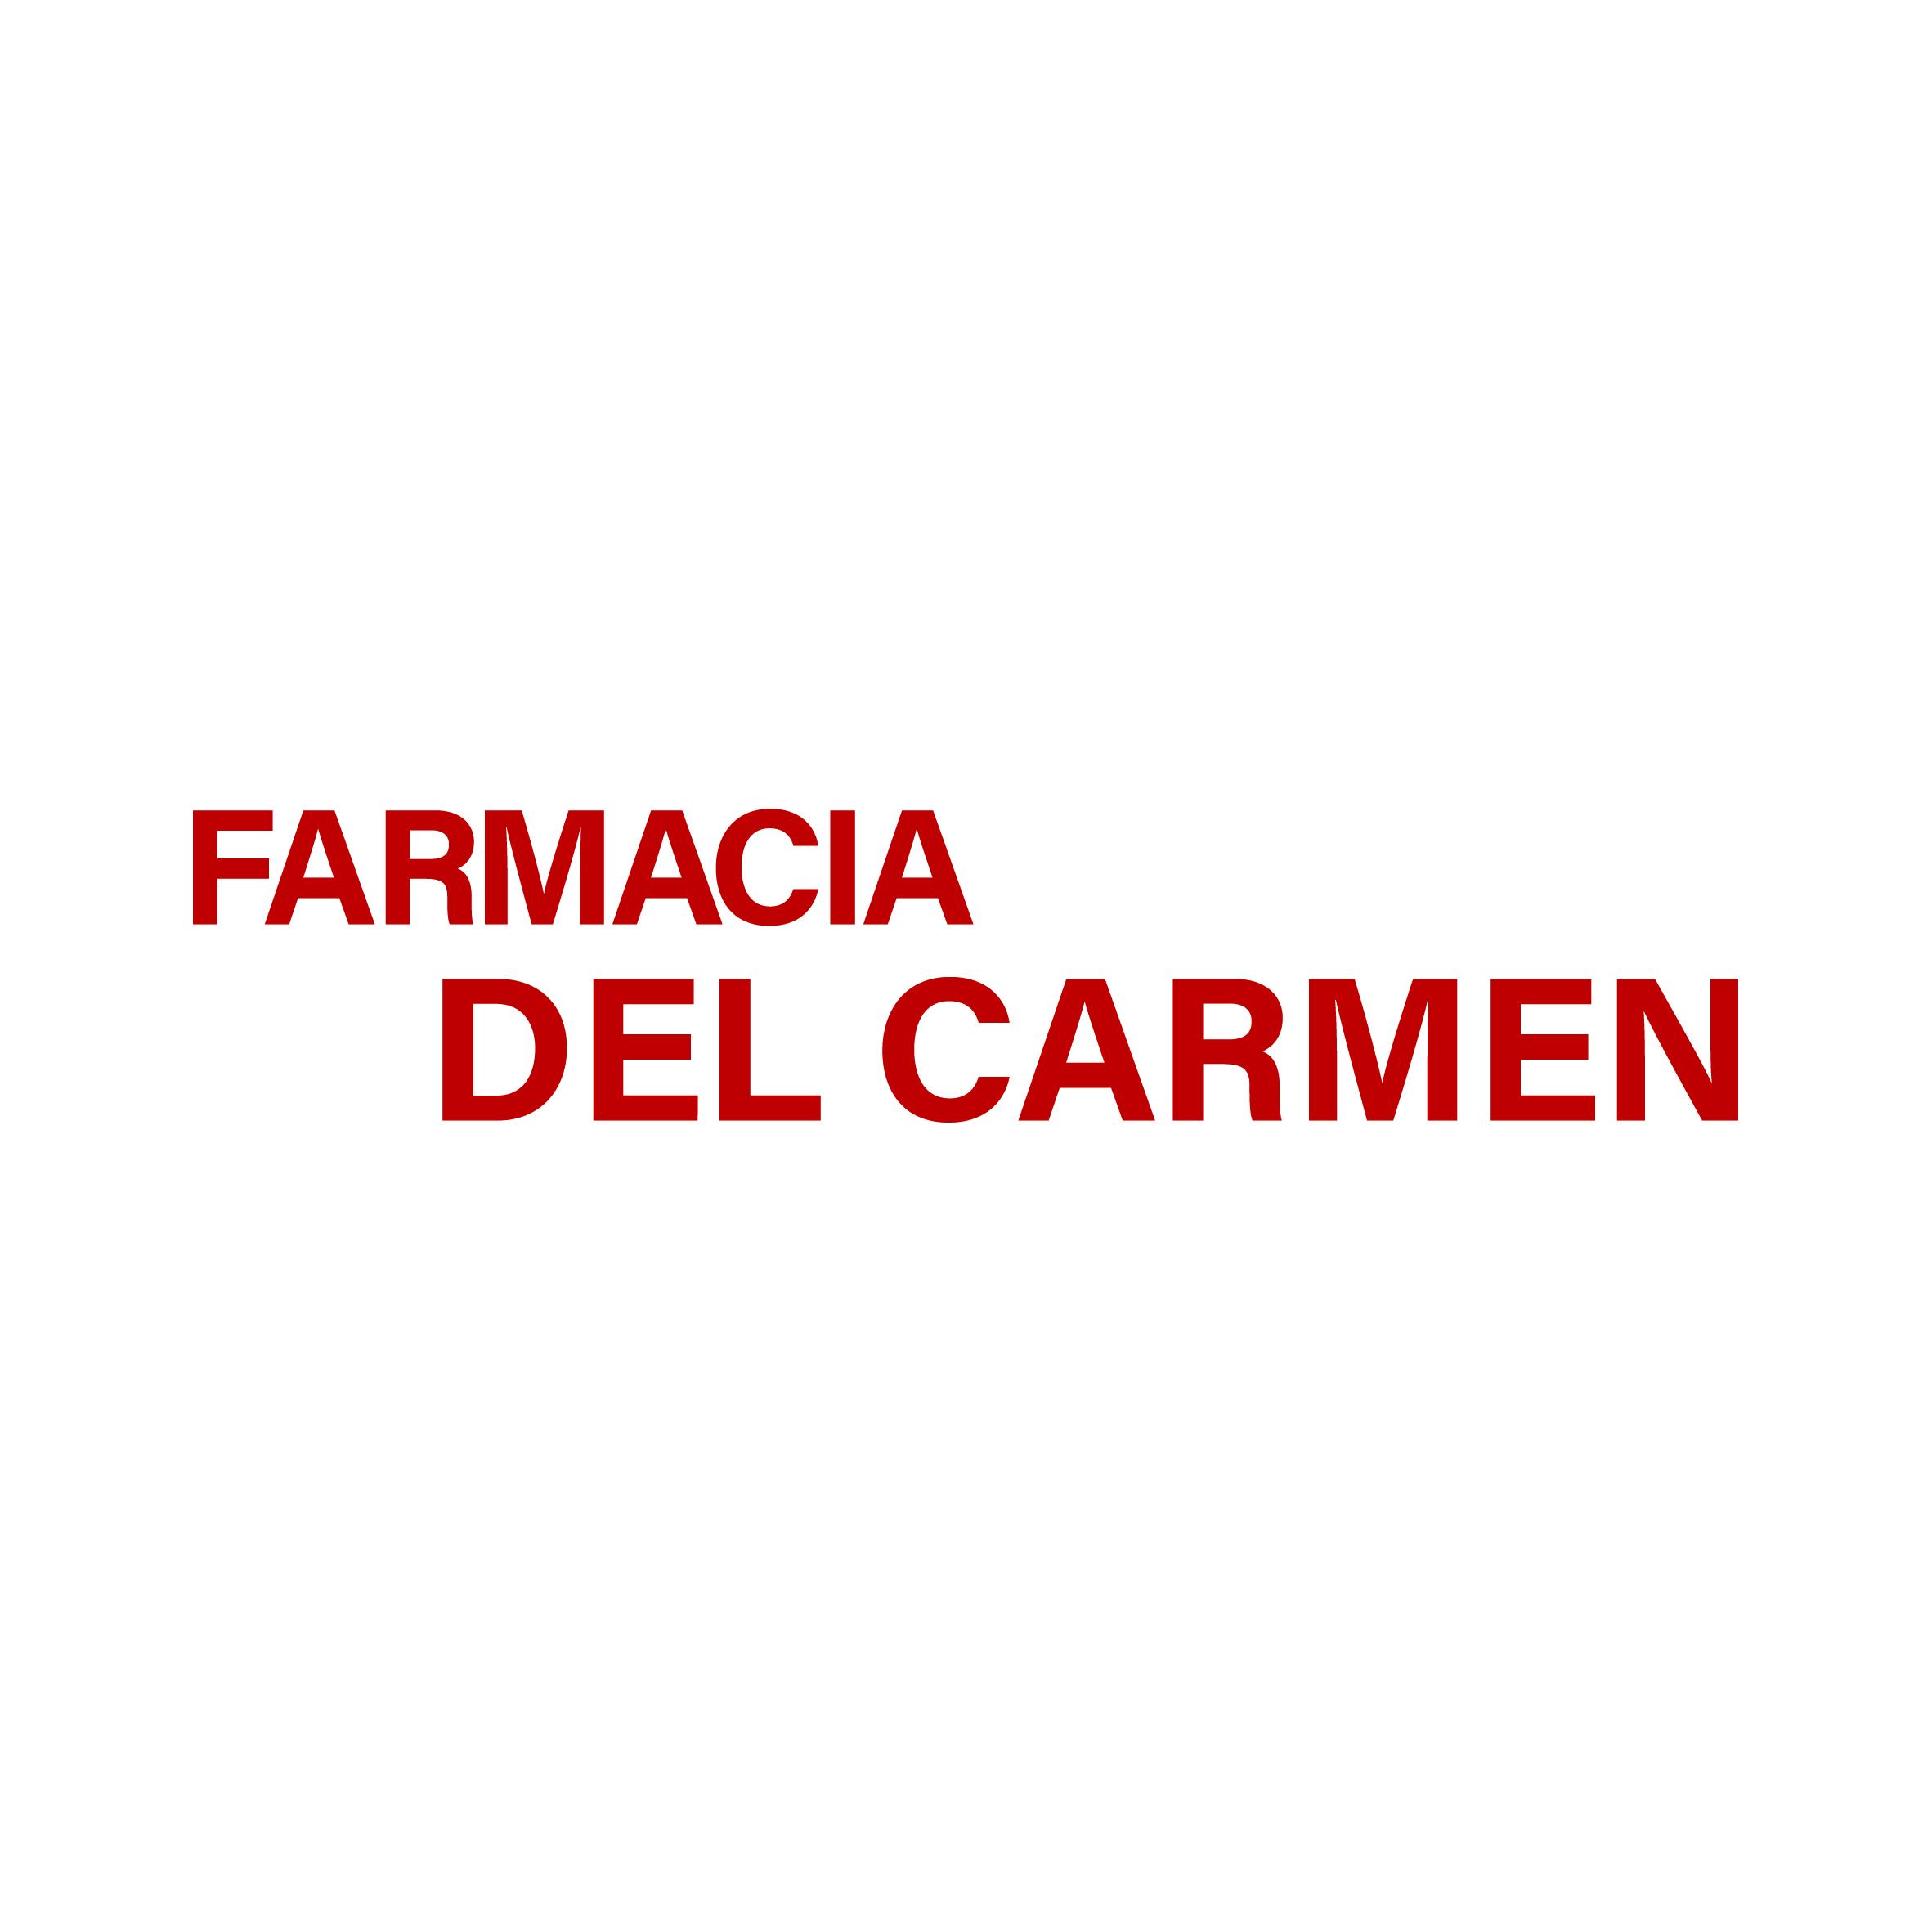 FARMACIA DEL CARMEN - S. Raigon